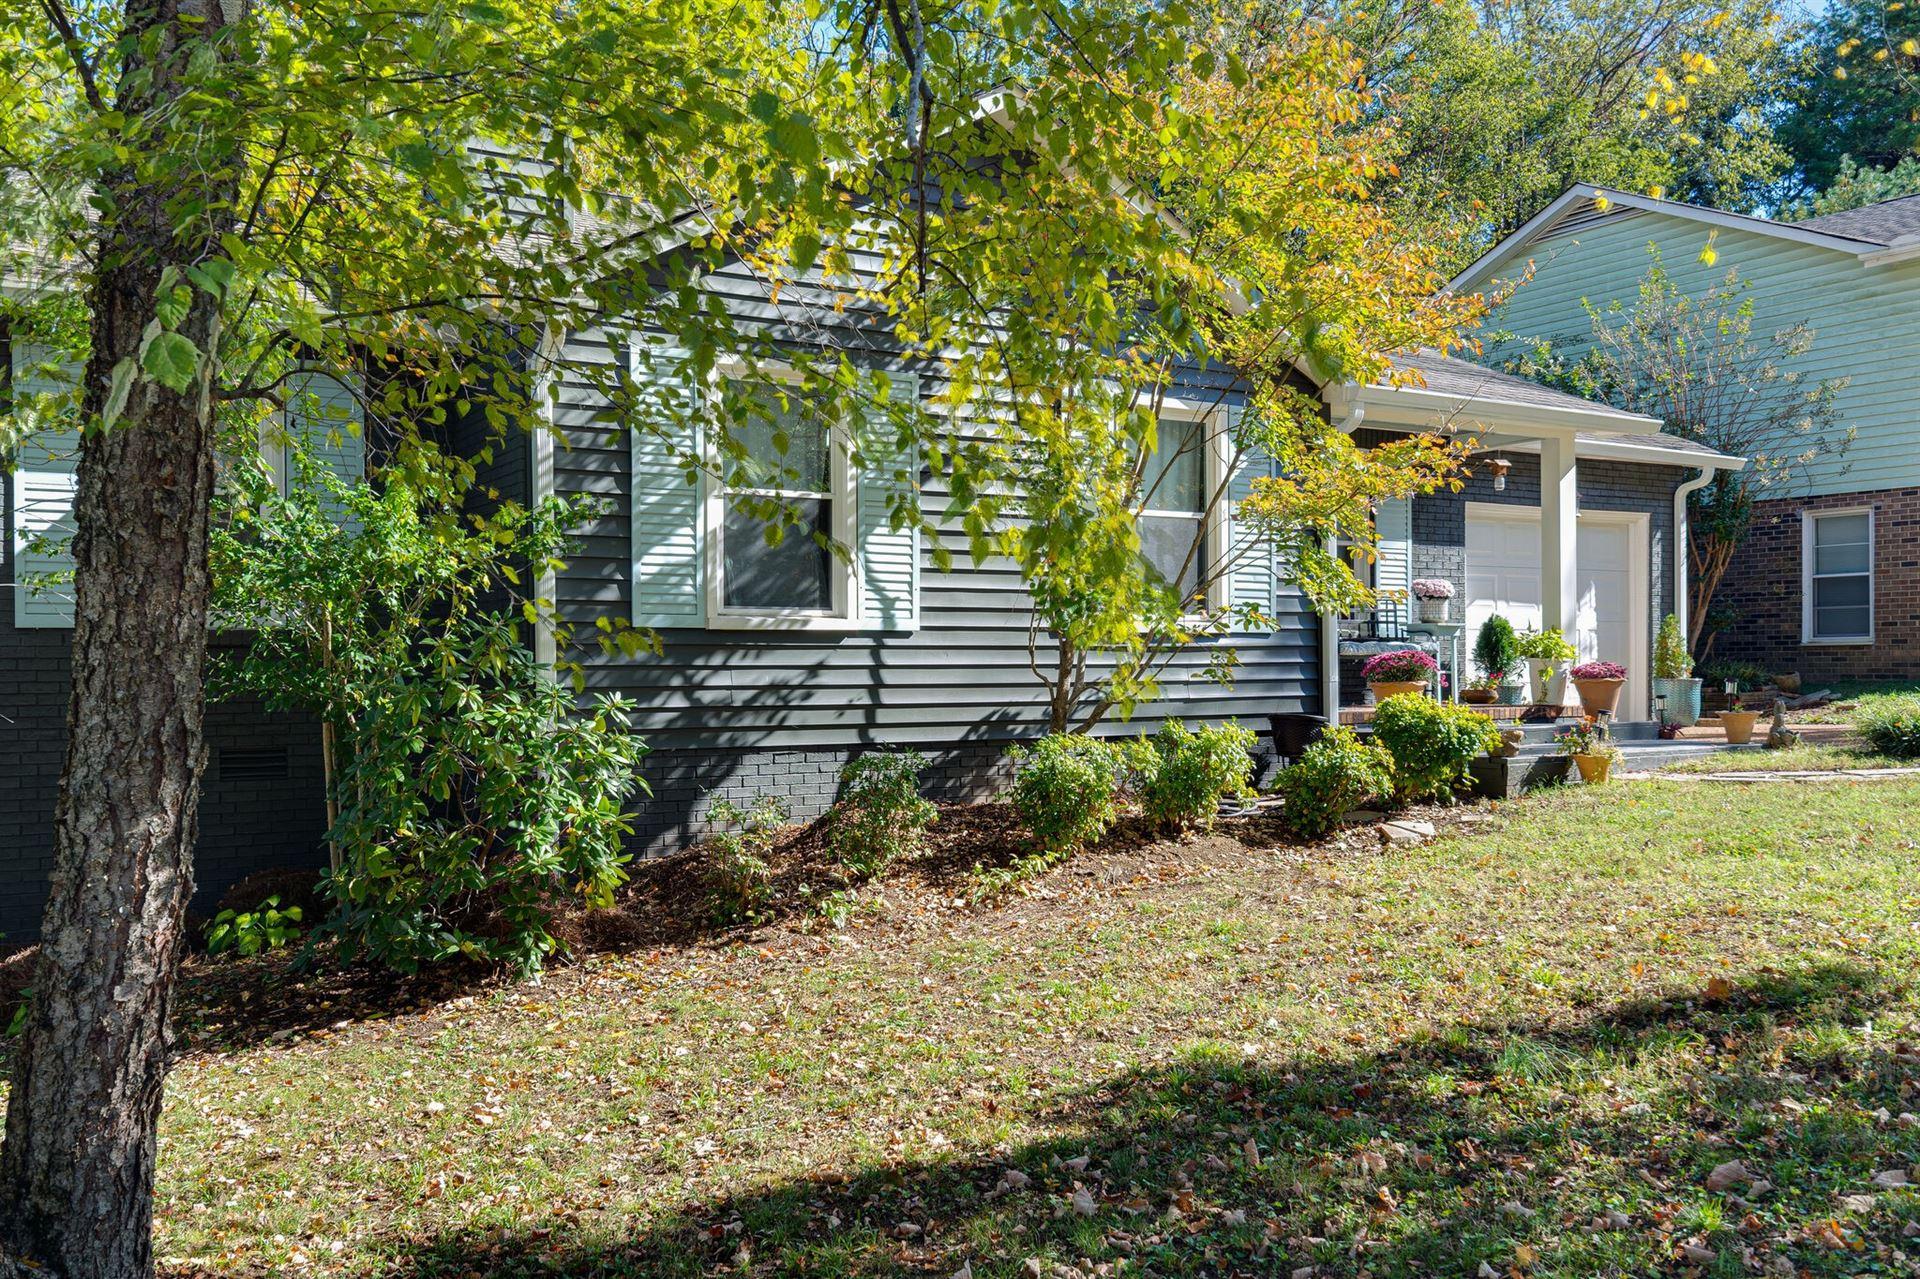 Photo of 1305 Mallard Dr, Franklin, TN 37064 (MLS # 2303670)